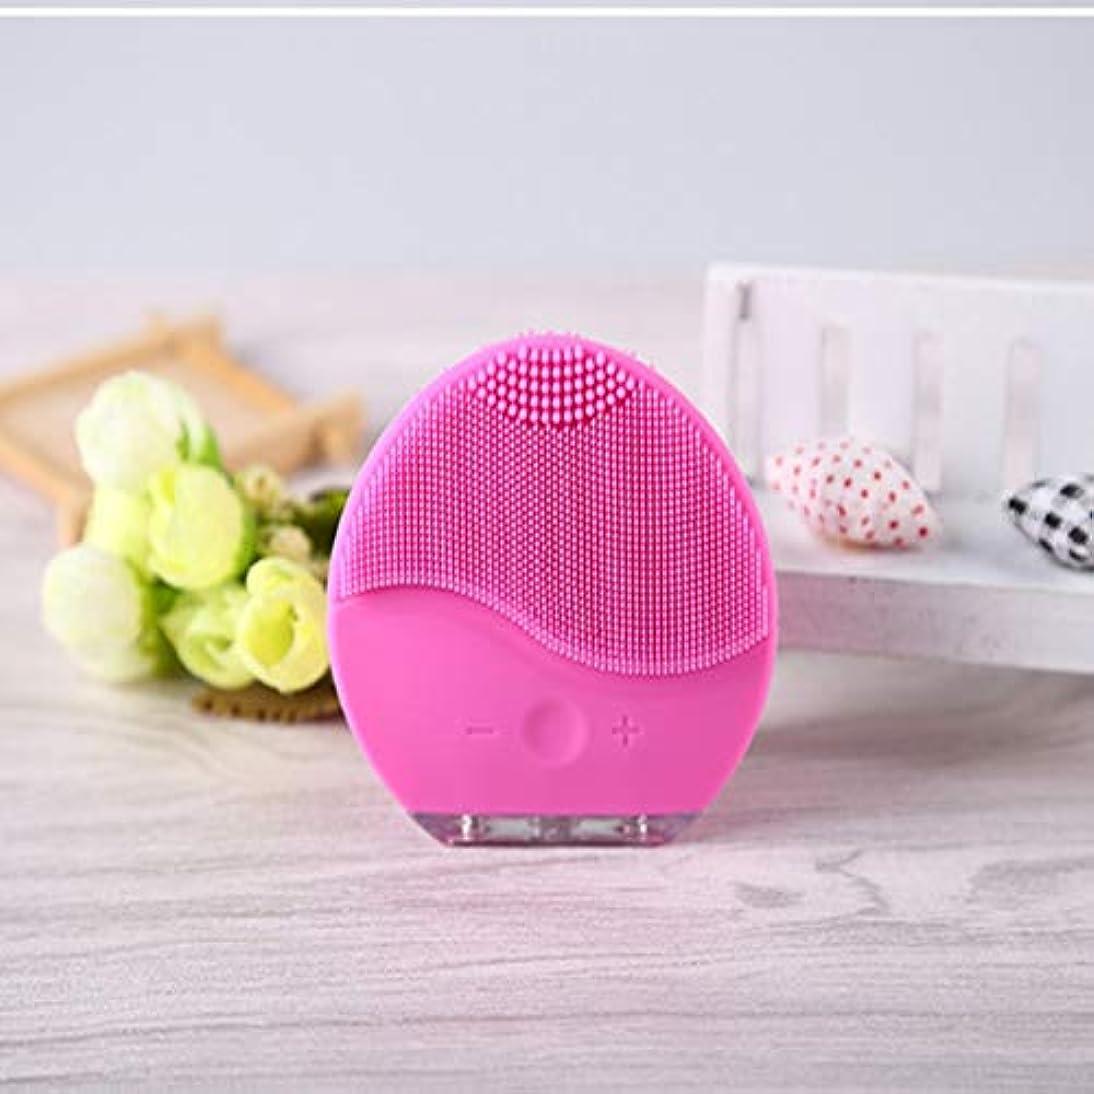 独立してめ言葉動機シリコーンフェイシャルクレンザー、フェイシャルクレンジングブラシ防水シリコーンフェイスマッサージャーアンチエイジングスキンクレンジングシステムすべての肌タイプのためのフェイシャルポリッシュとスクラブ (Color : Pink)